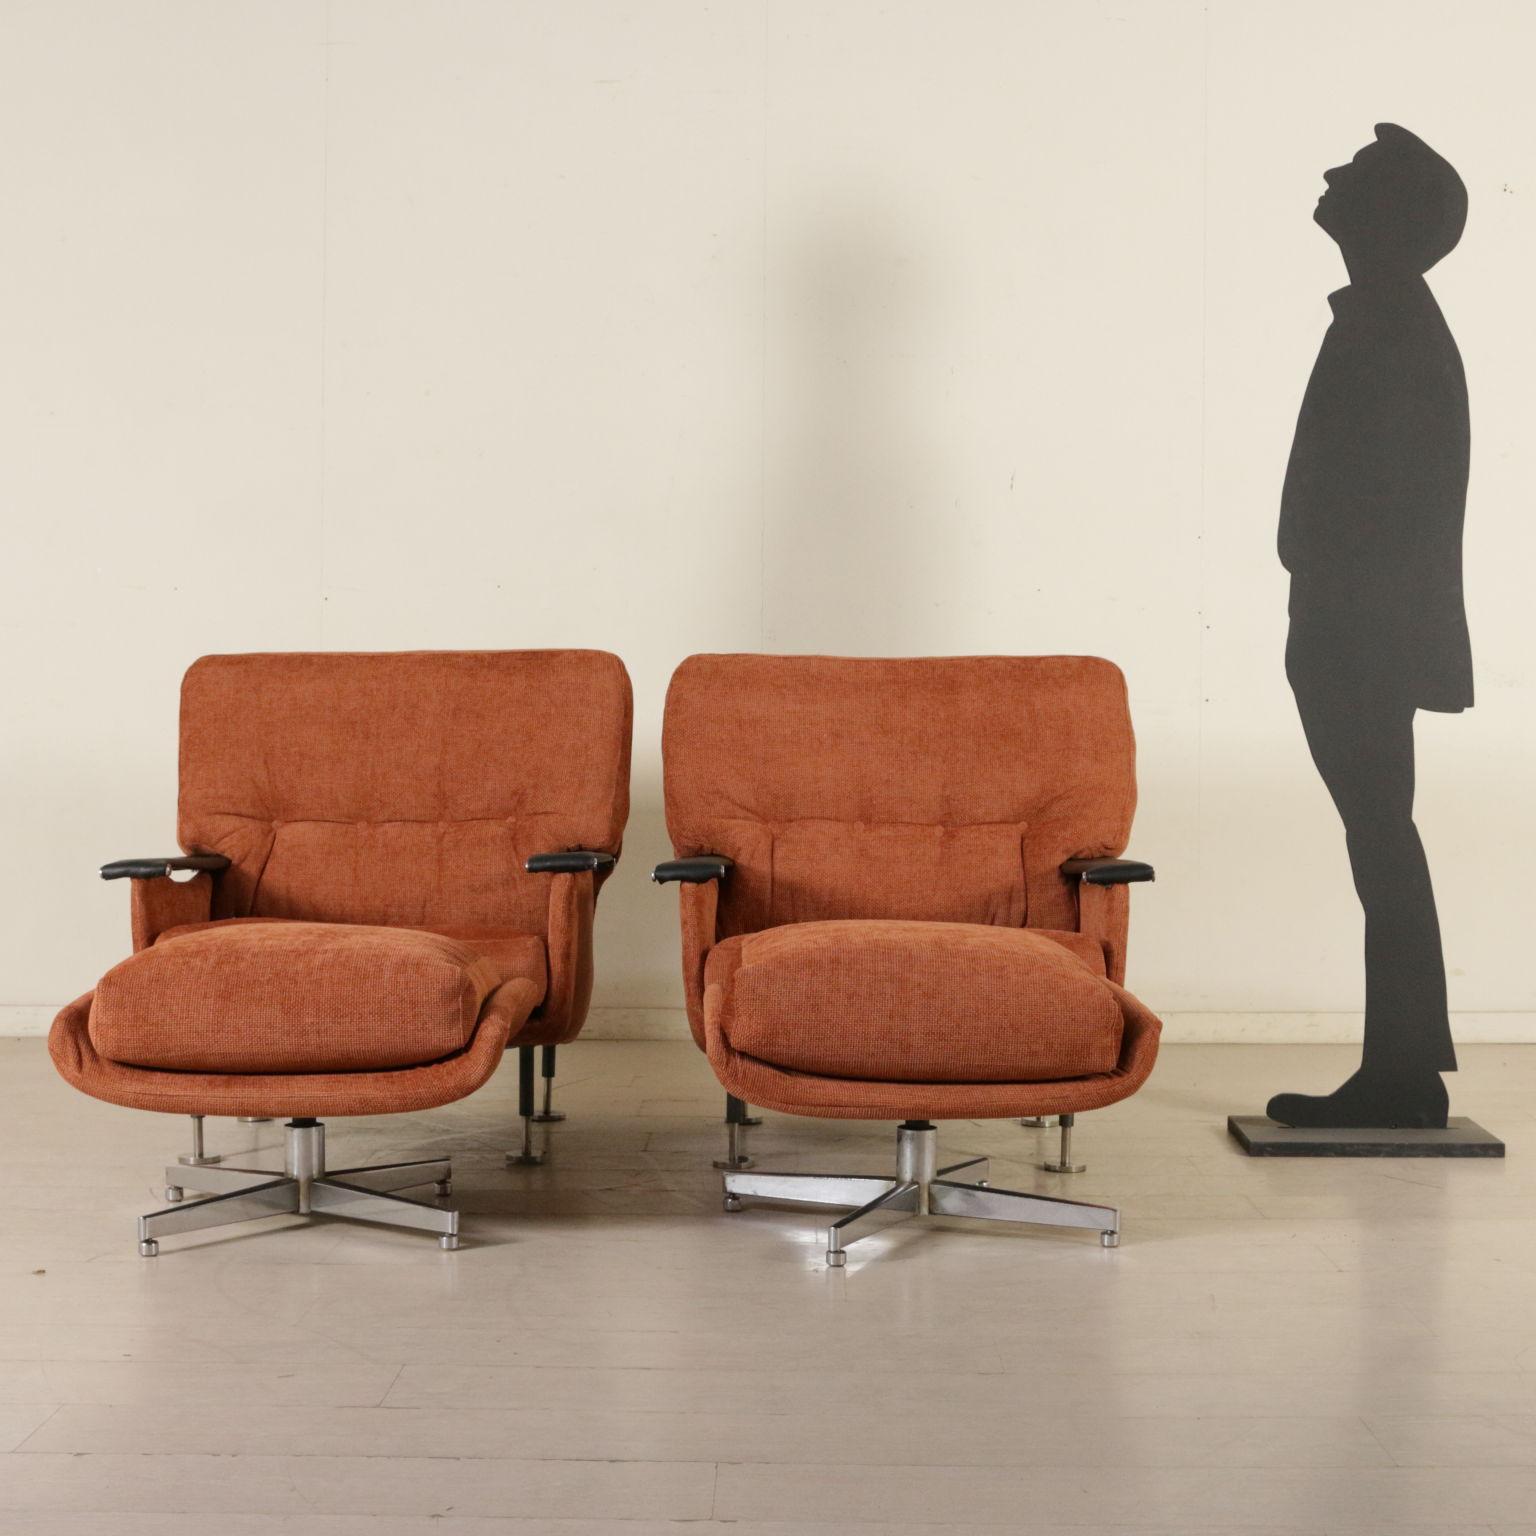 Las sillas de los a os 60 sillones dise o moderno - Sillas anos 60 ...